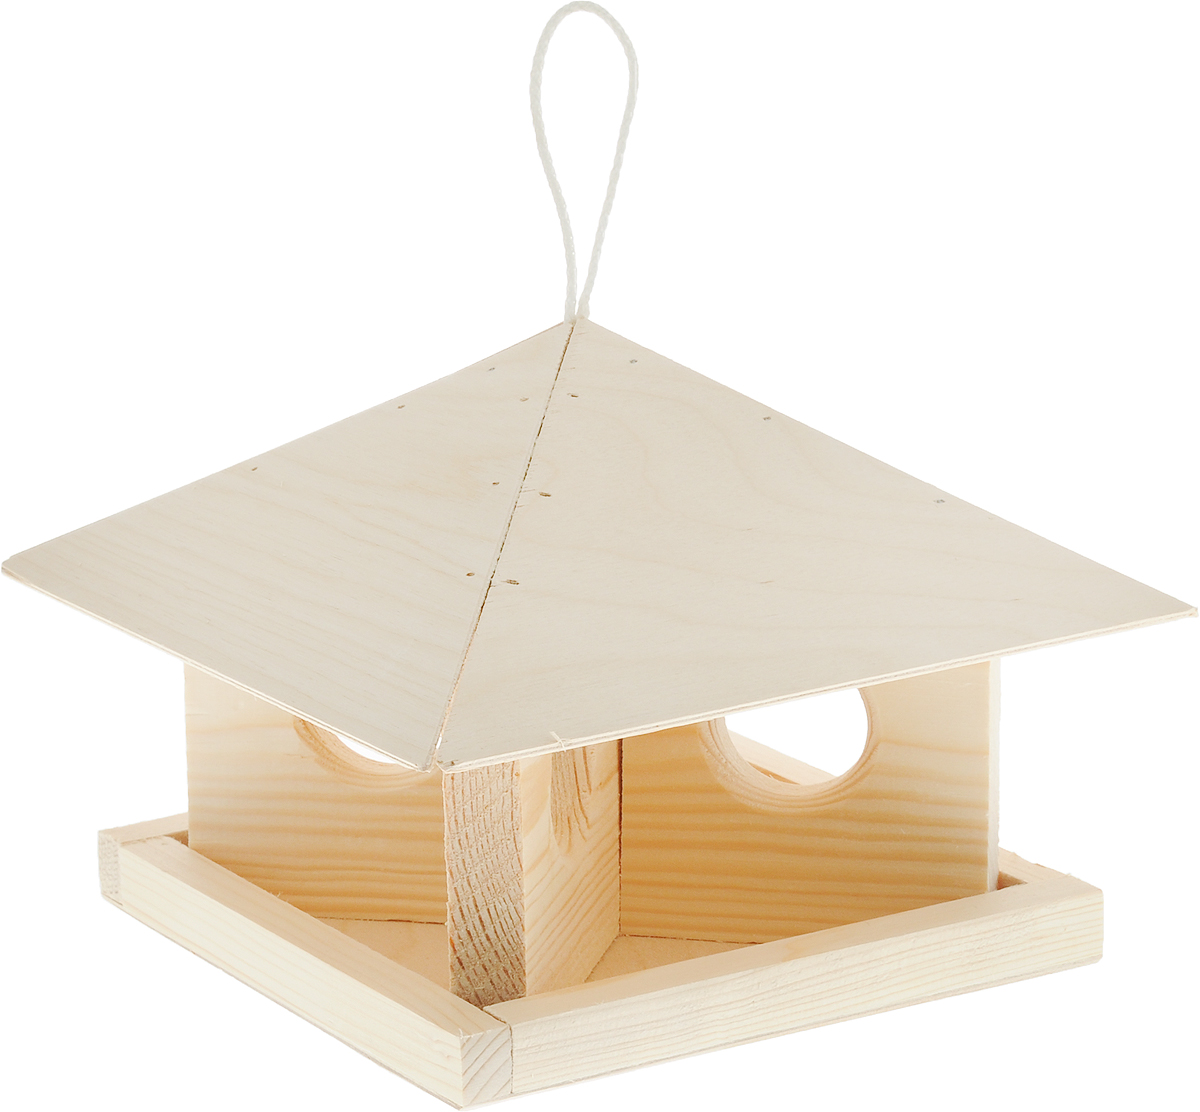 Кормушка для птиц Шатер, 23 х 23 х 18 см домик для птиц gardman домик для птиц gardman 24 см